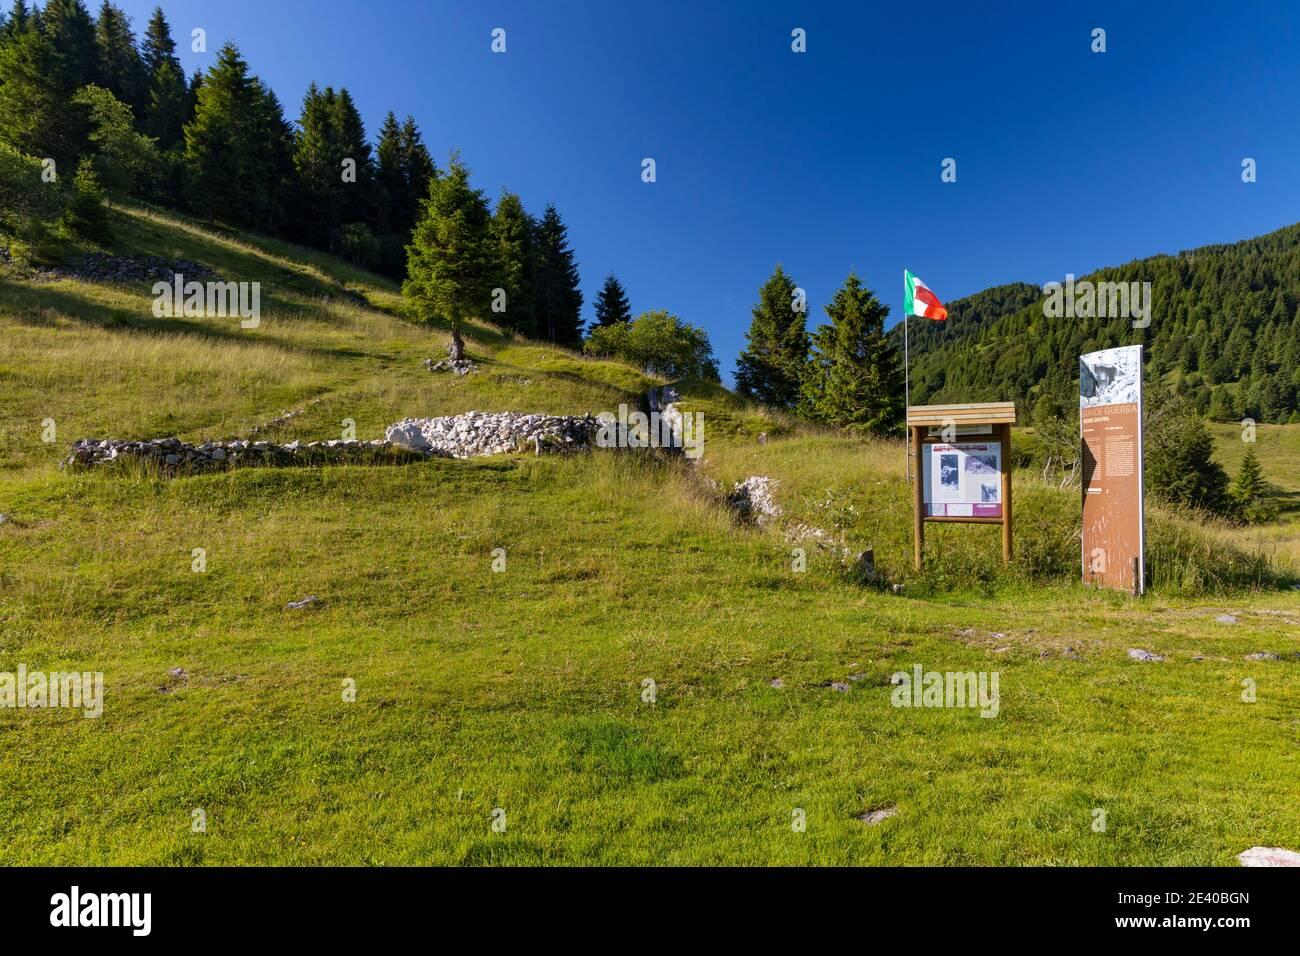 Trincheras de la primera Guerra Mundial cerca de Monte Grappa, Provincia de Treviso, Región del Véneto, Italia Foto de stock